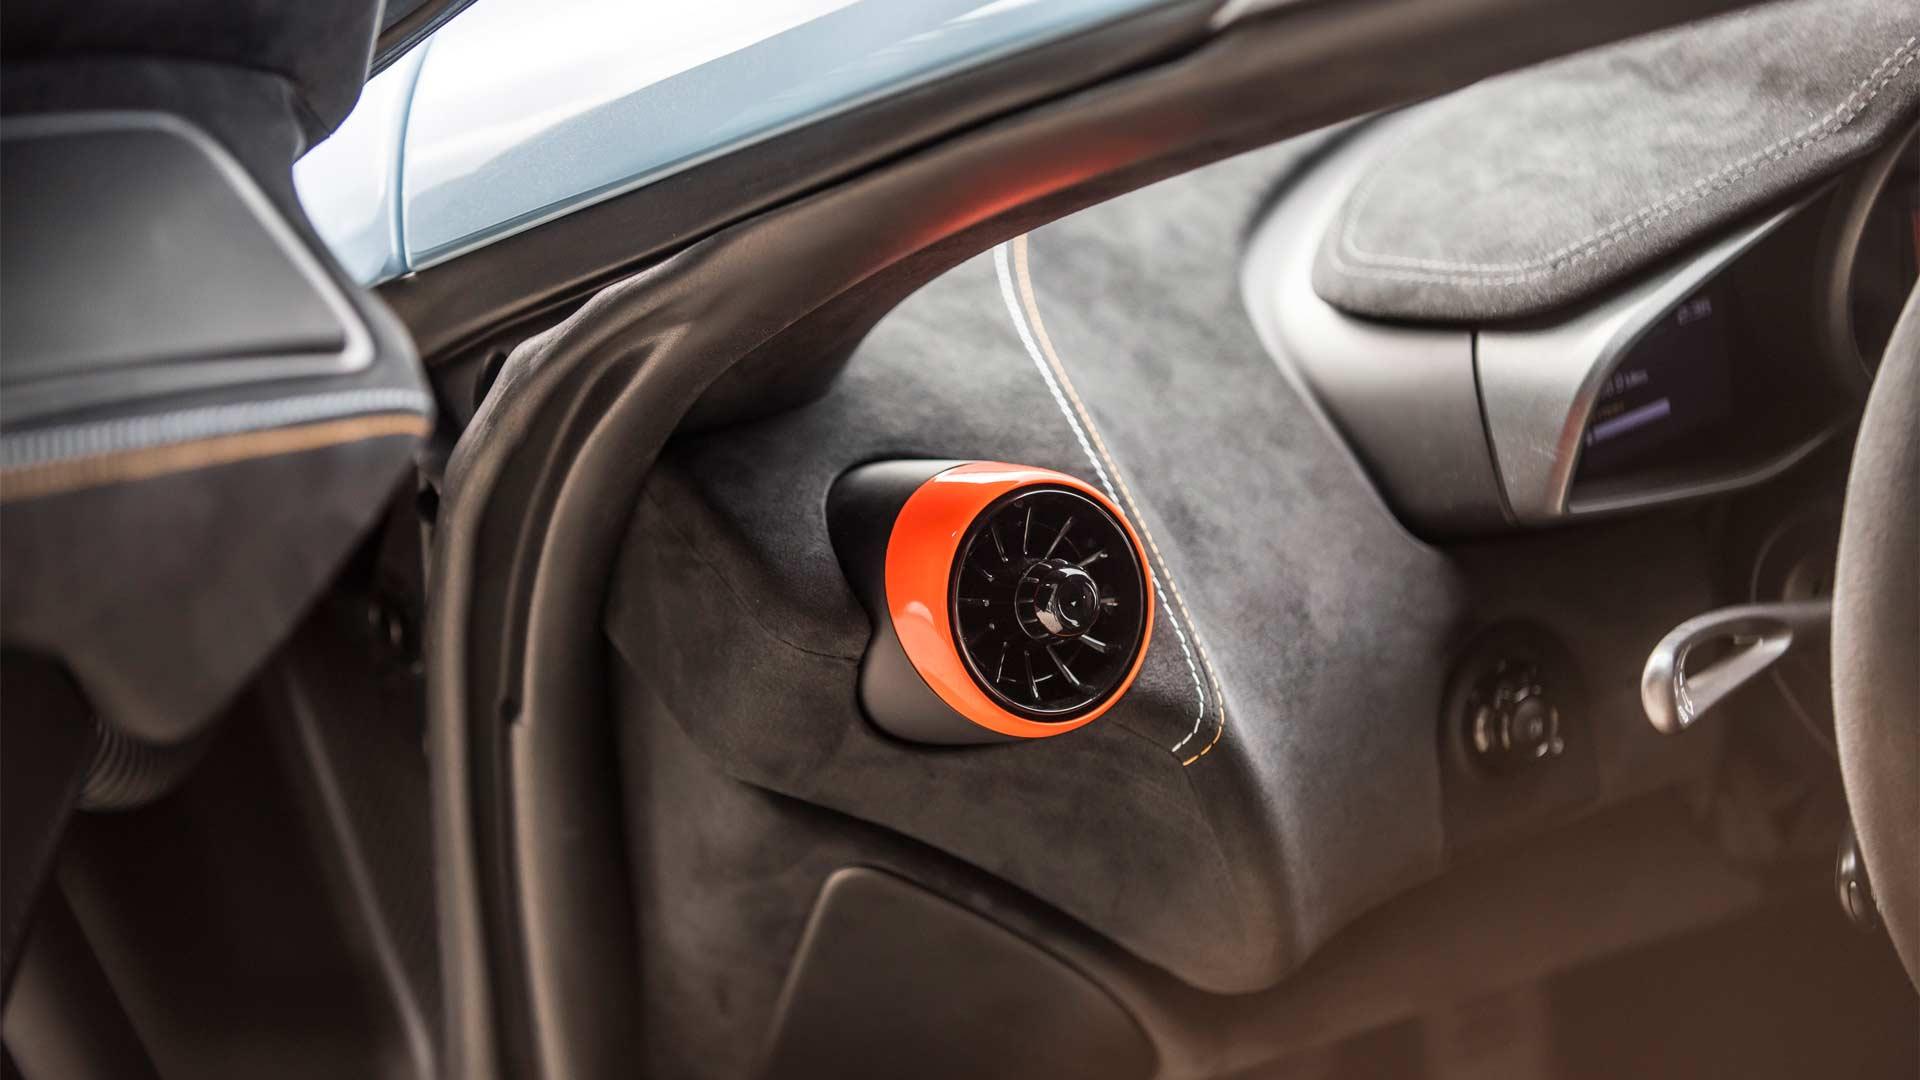 McLaren 675LT F1 GTR Longtail Gulf Racing livery Interior